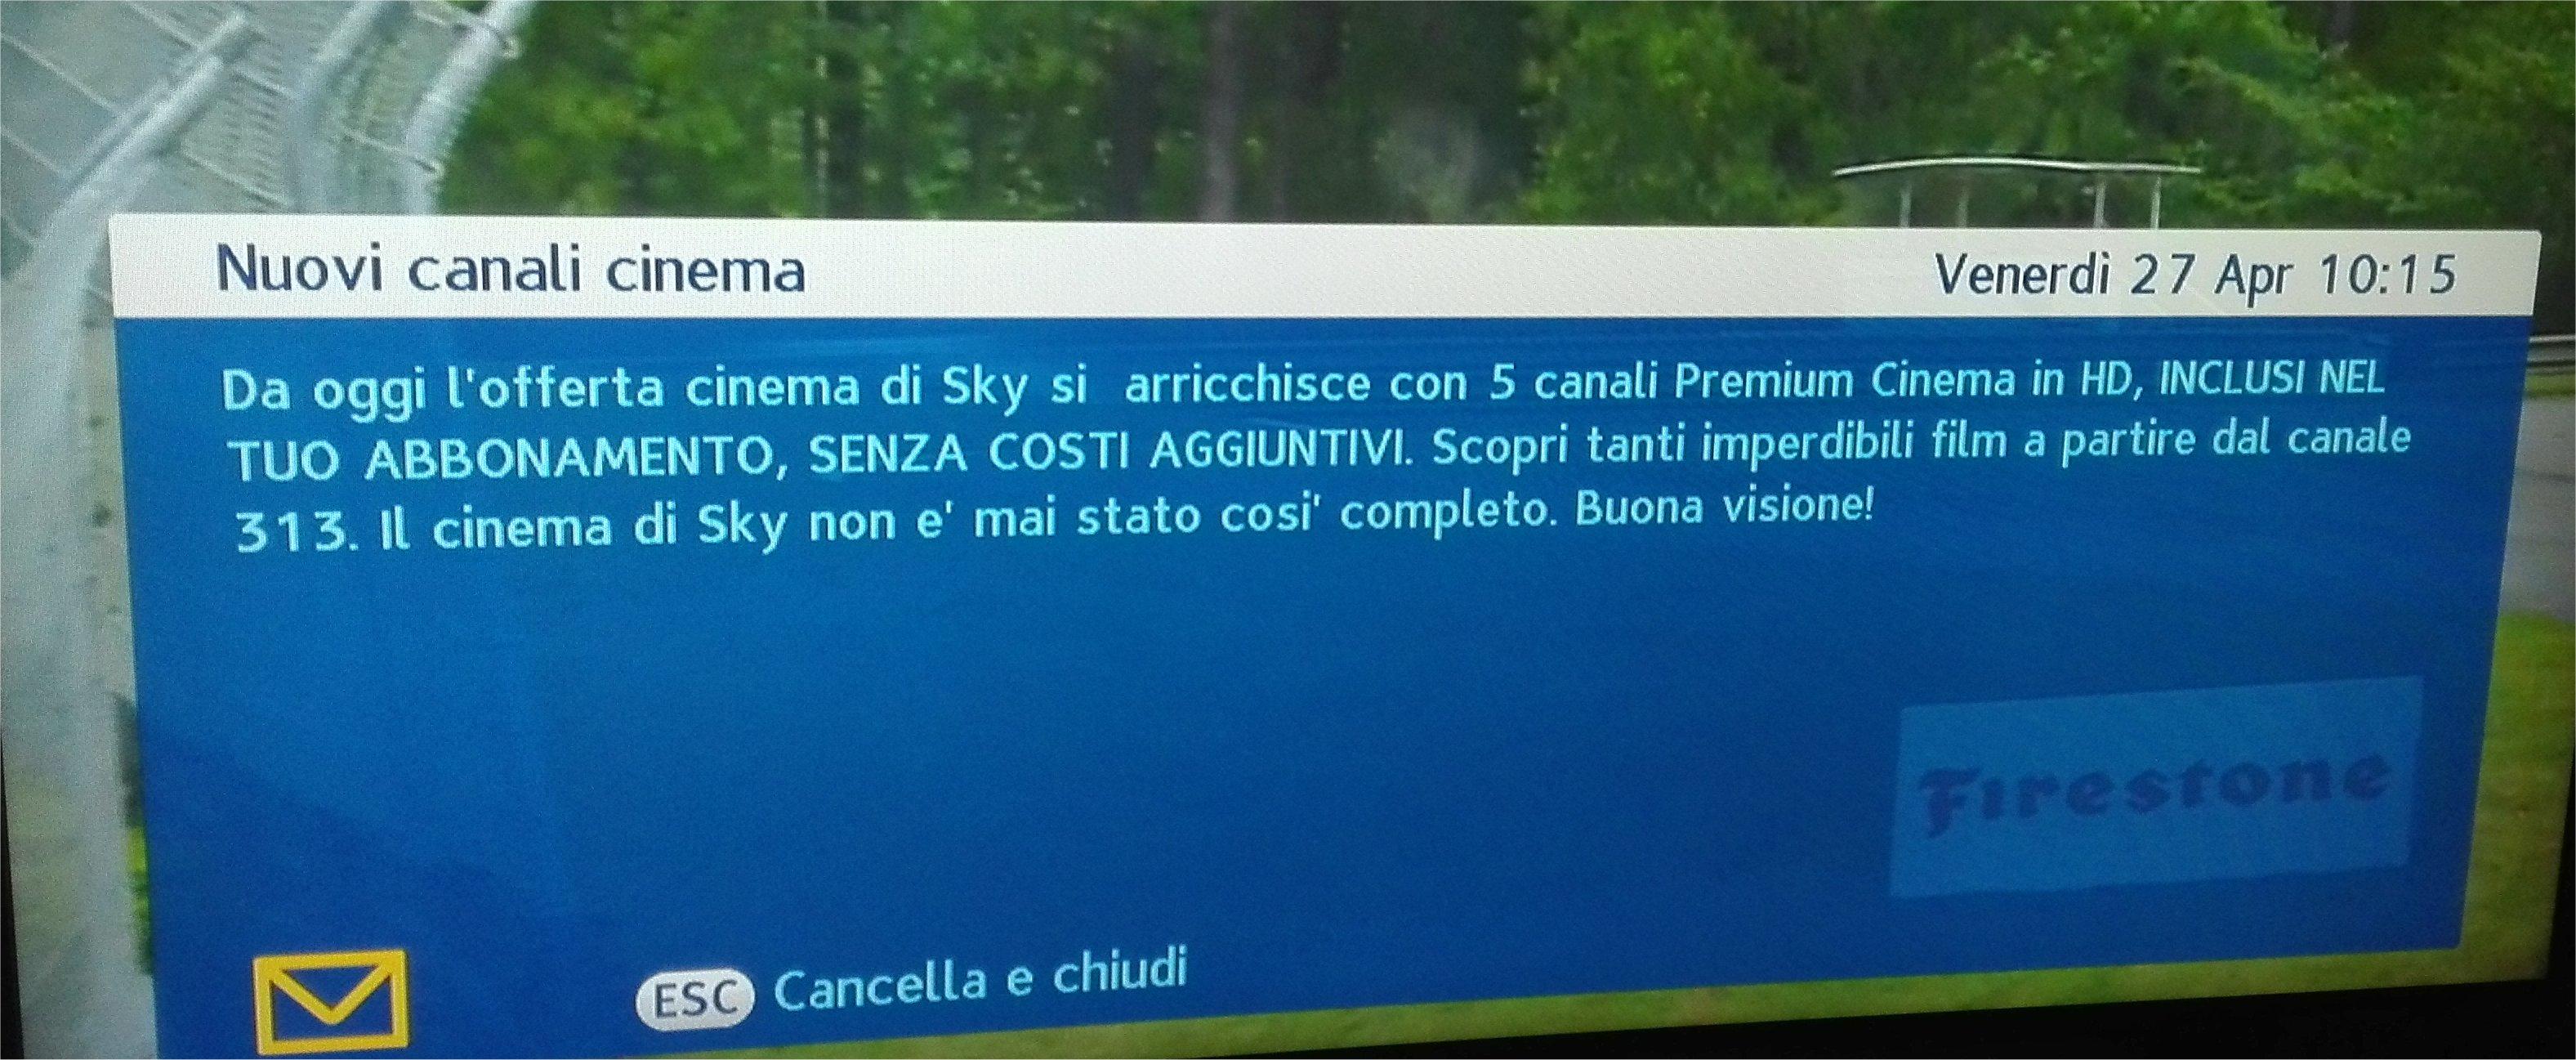 Premium Cinema da oggi su Sky, ecco come cambia la numerazione dei canali